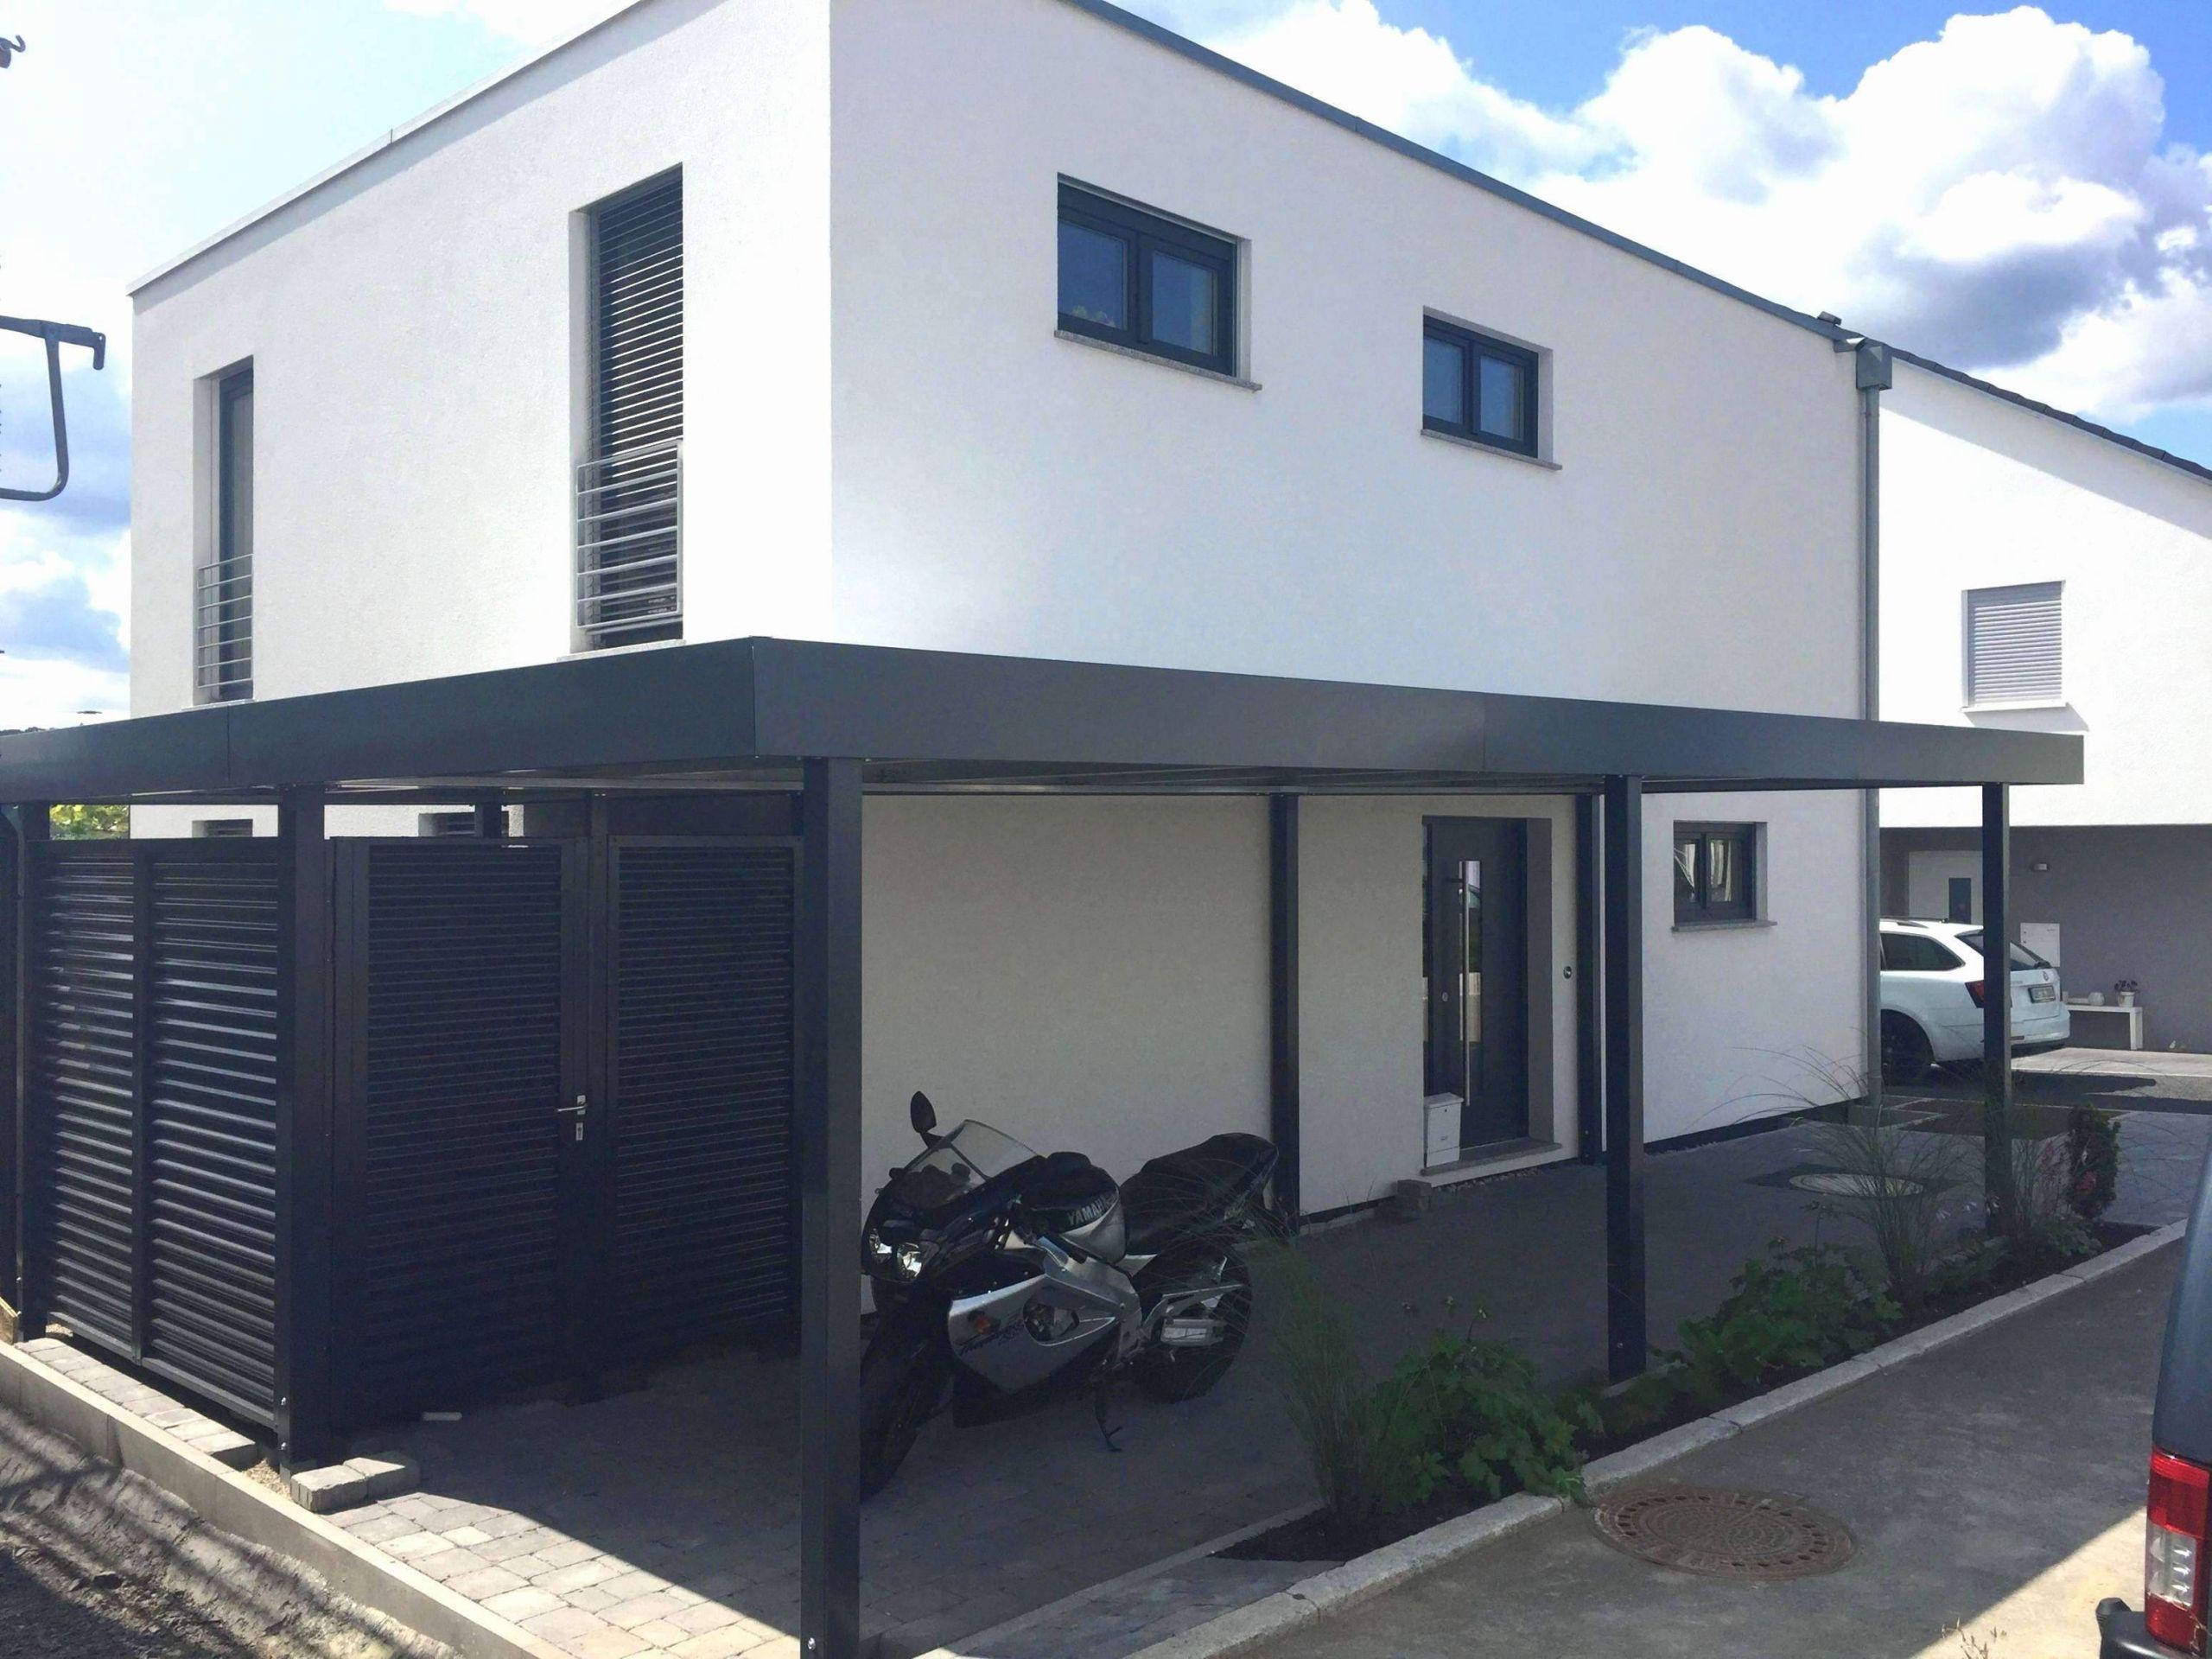 palettenmobel wohnzimmer einzigartig garten 2019 02 of palettenmobel wohnzimmer